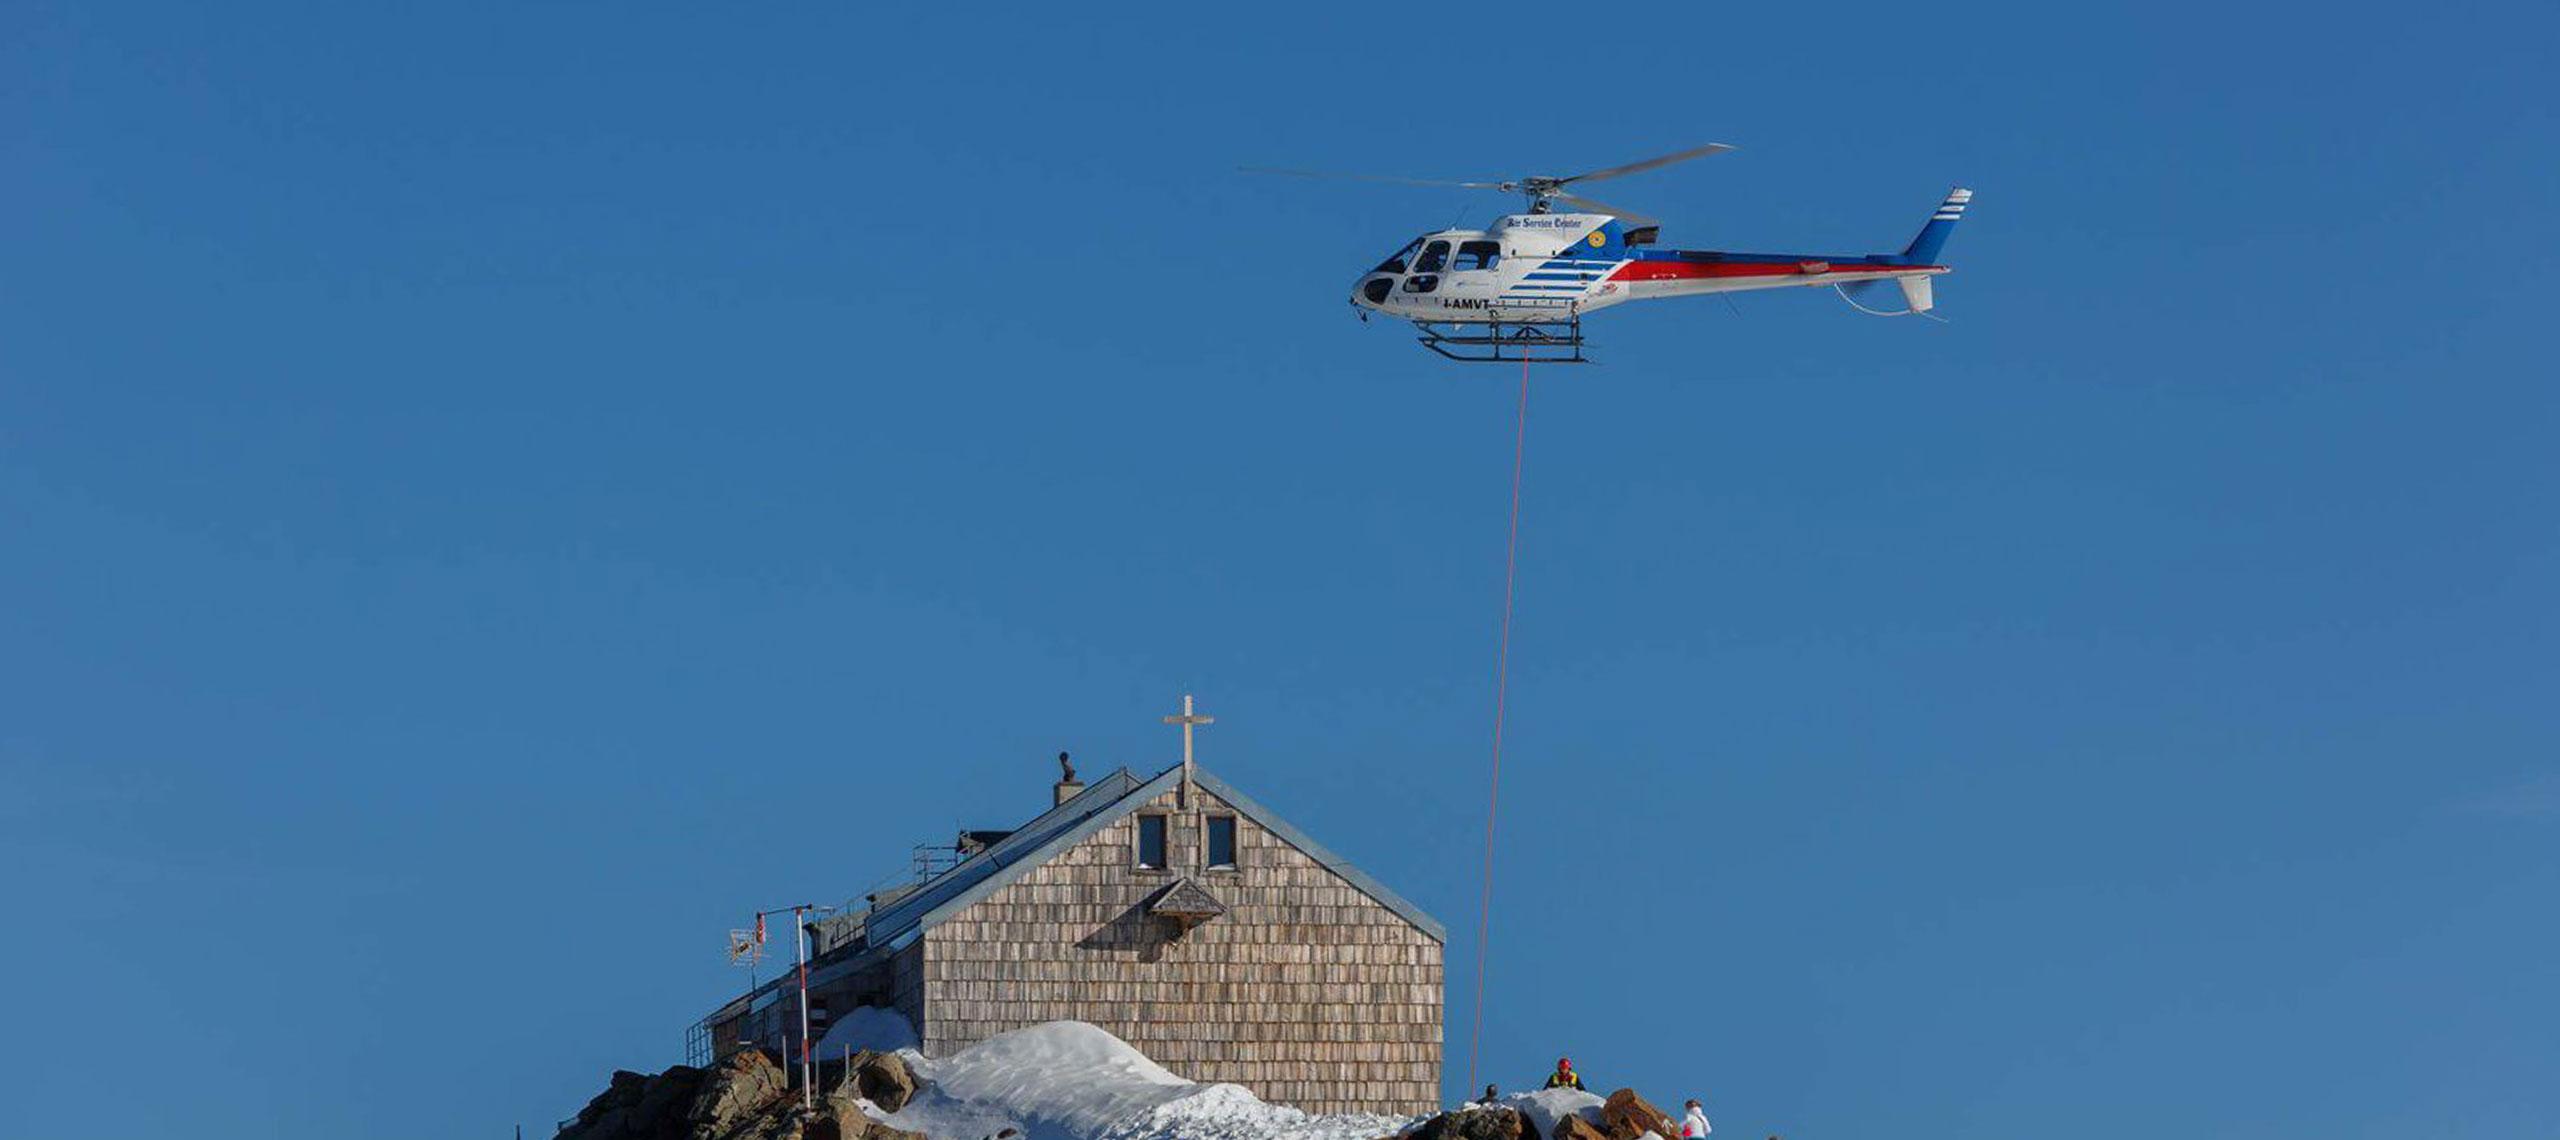 Elicottero Milano : Base elicotteri pavia piacenza milano